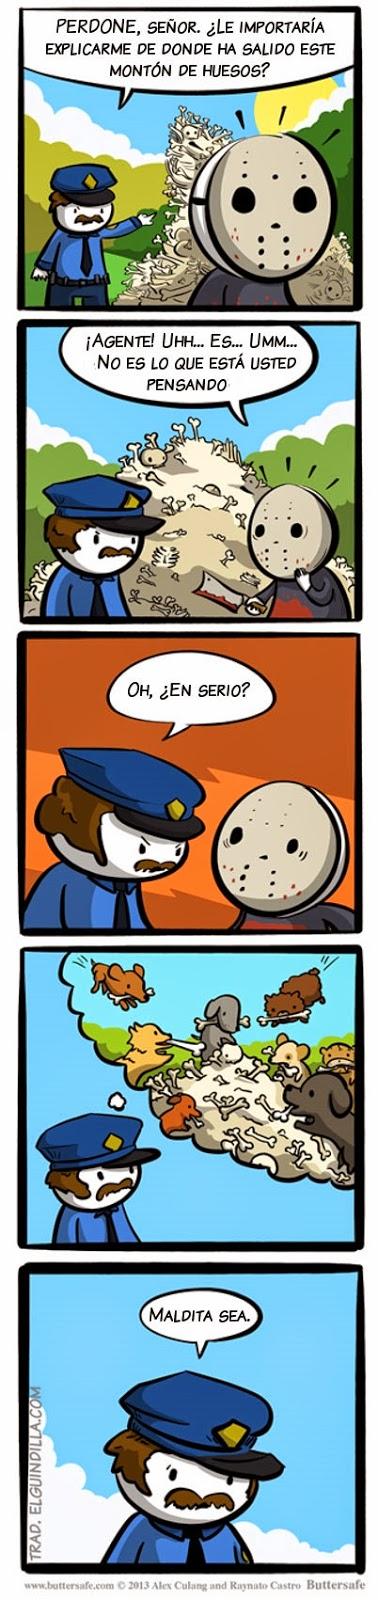 humor absurdo - ¿De donde ha salido este montón de huesos?